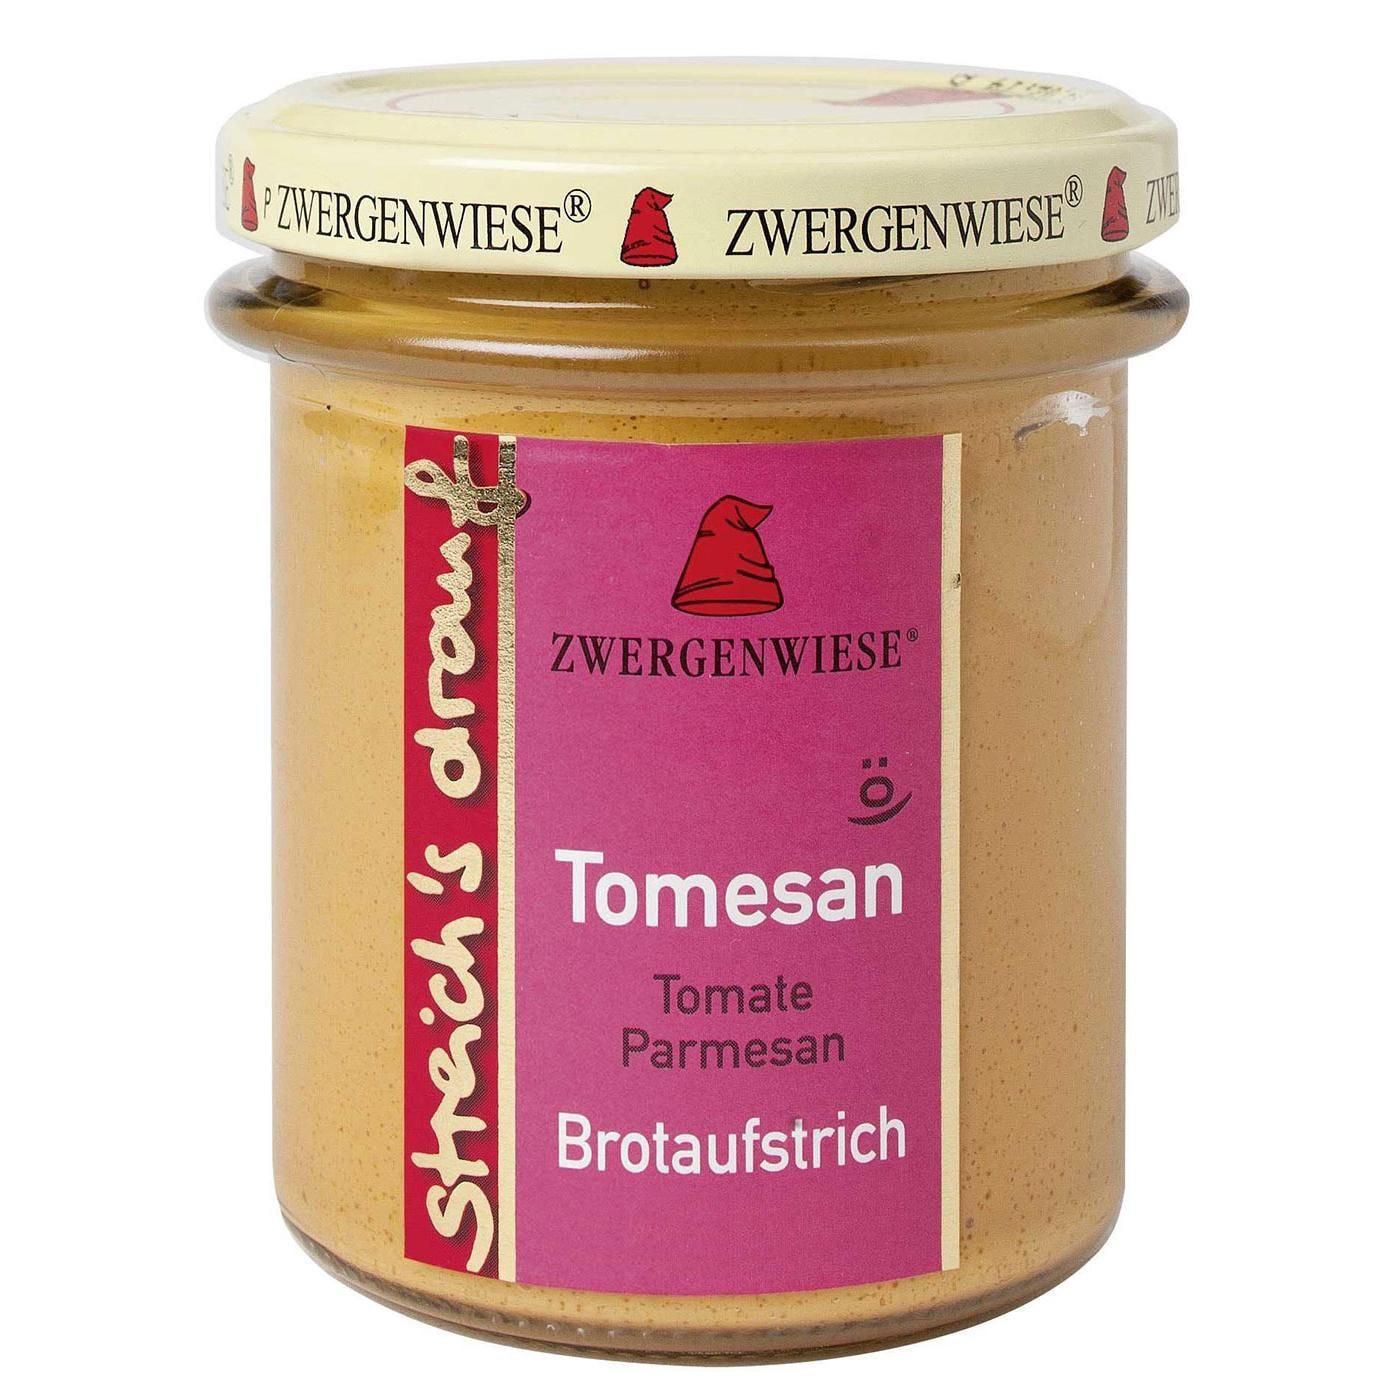 Zwergenwiese Bio Tomesan streich's drauf Tomate Parmesan 160g